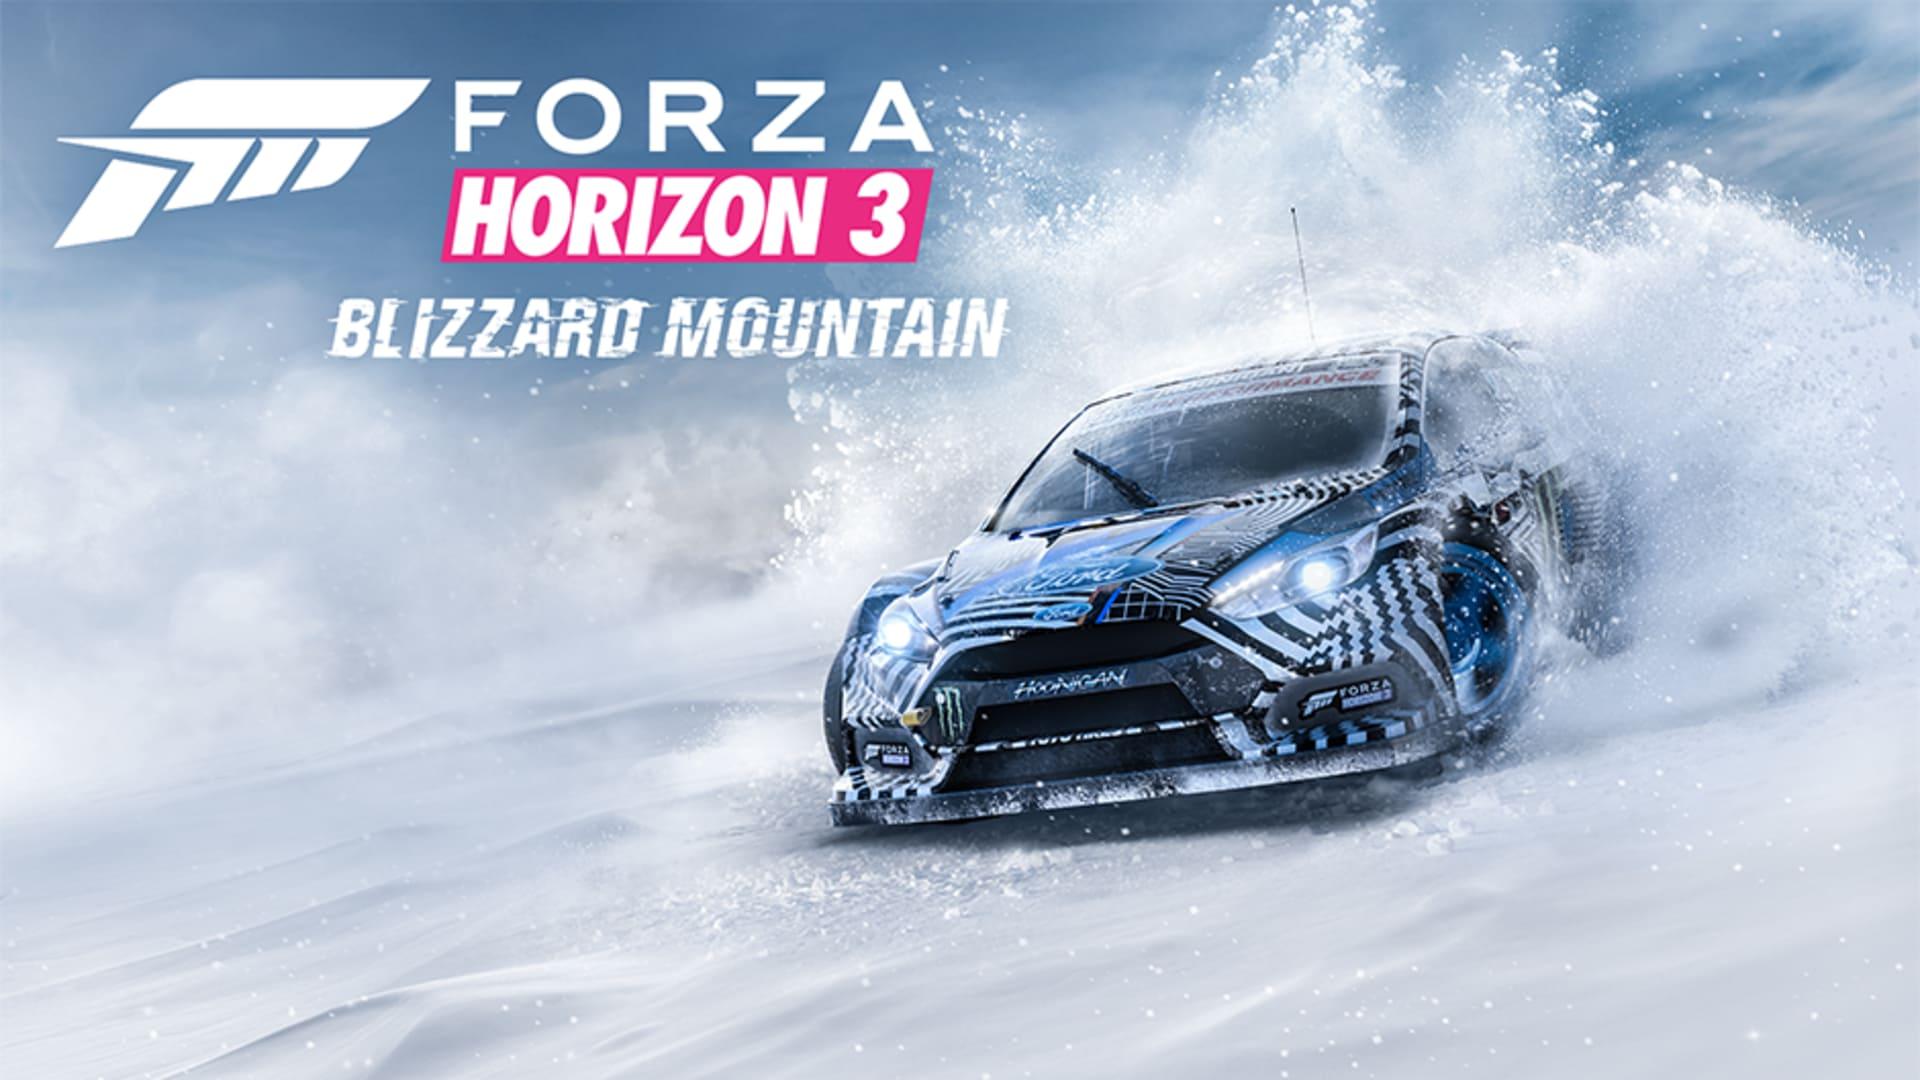 Här är lanseringstrailern för den första Forza-expansionen